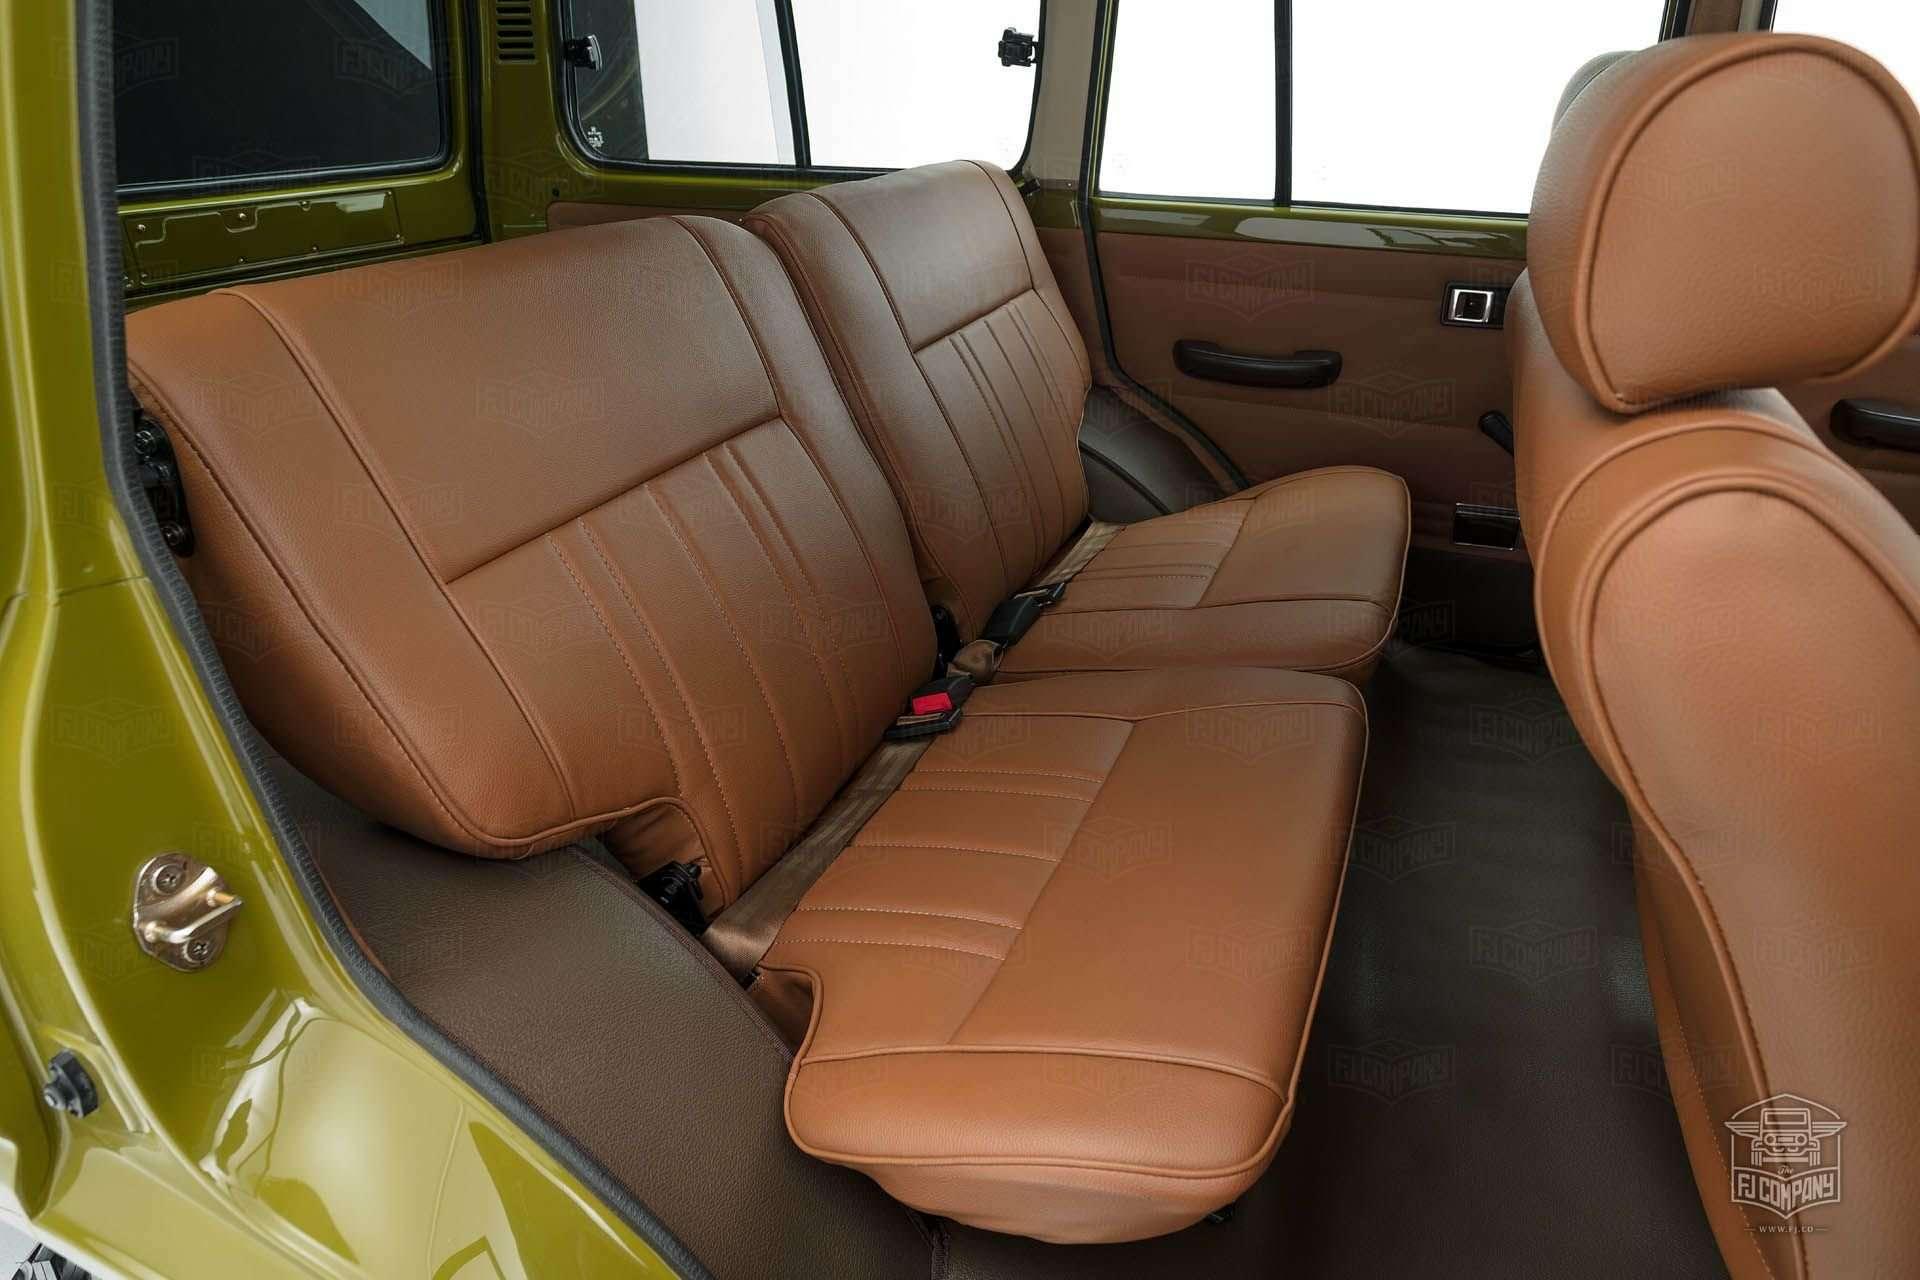 Абсолютно новый Toyota Land Cruiser 1986 года. Да, такое бывает!— фото 877234